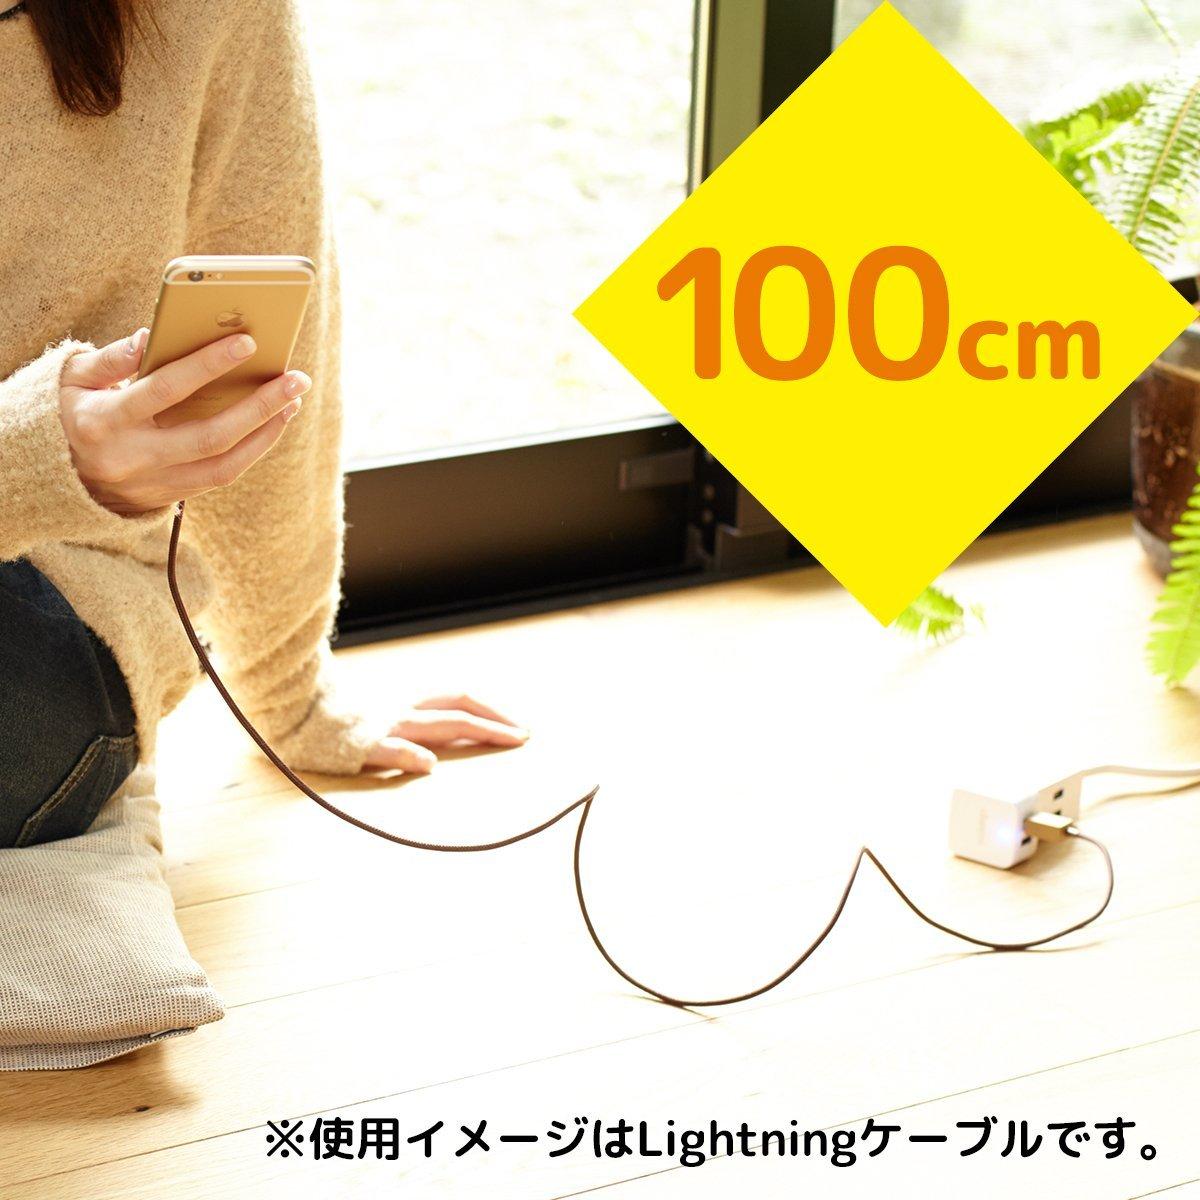 Cheero iPhoneX苹果手机数据线 Lightning数据线 MFI认证快充线